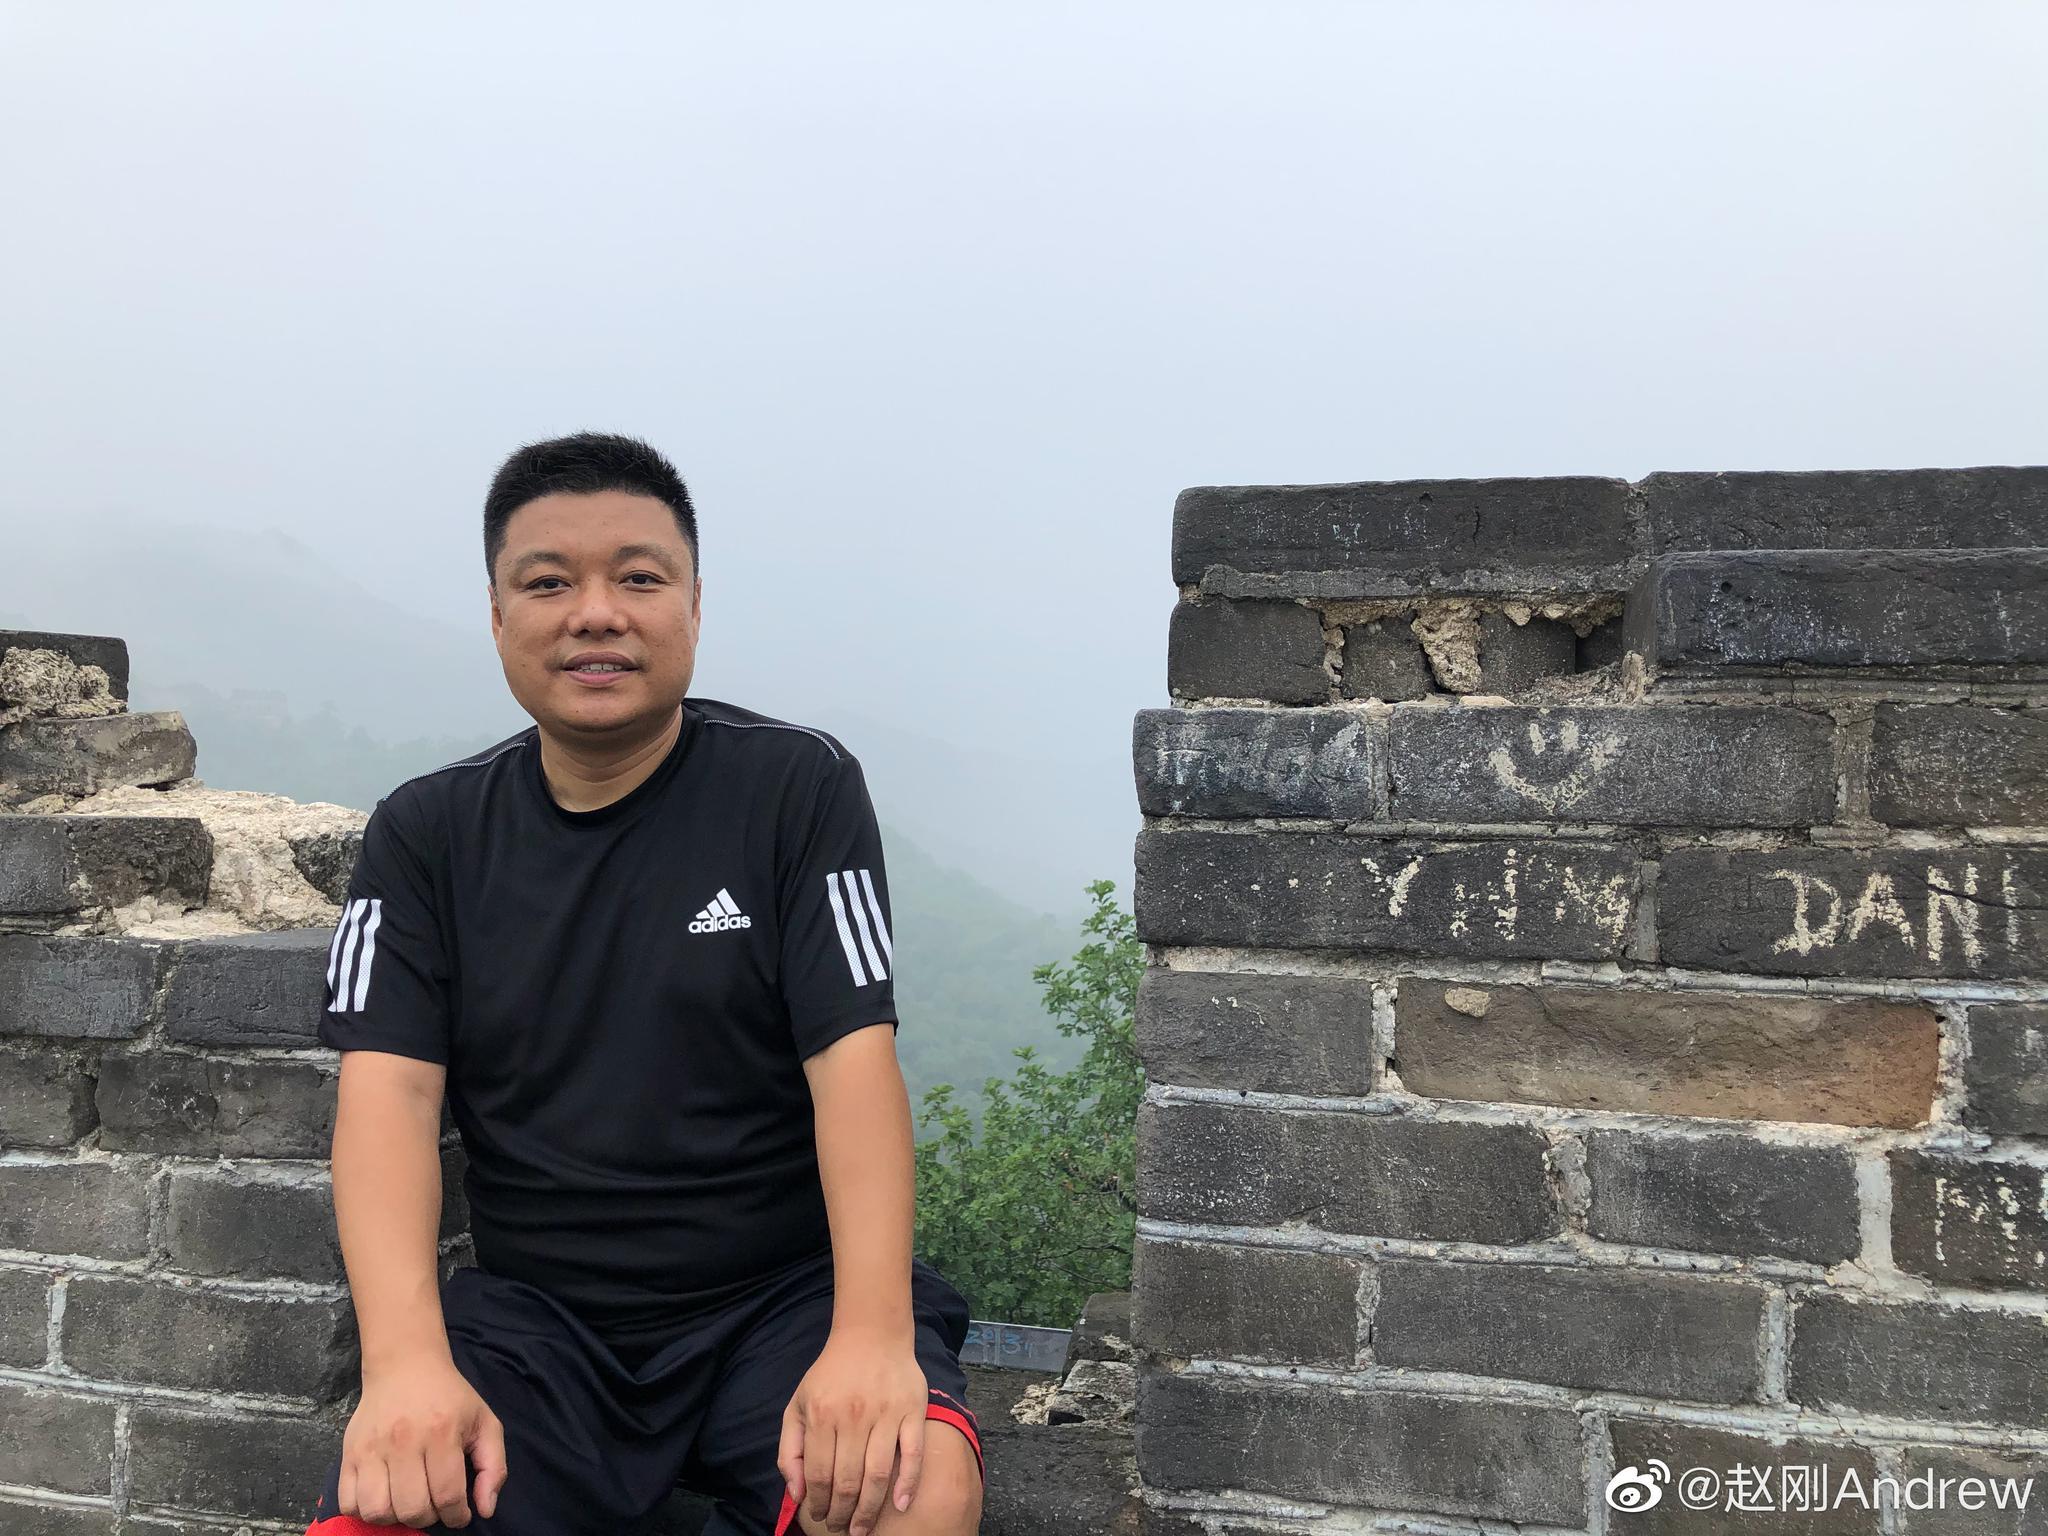 北京疫情好转,周六与家人亲友去慕田峪长城玩。雨后的怀柔清凉舒爽